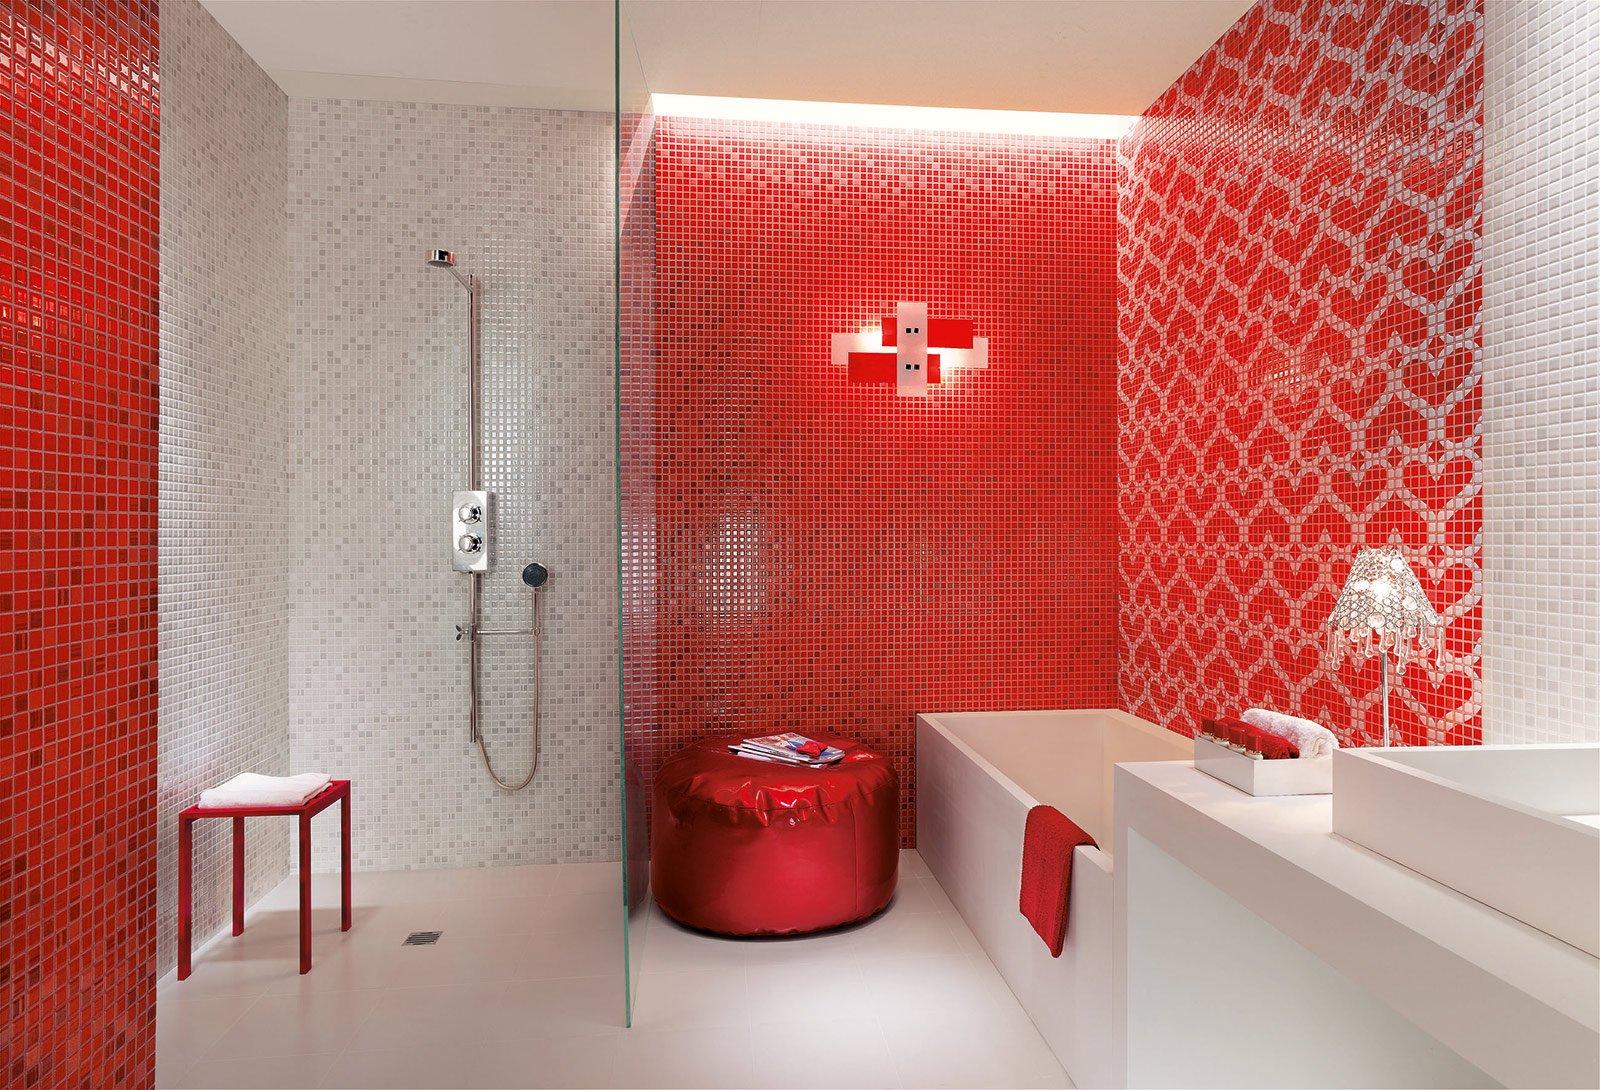 bagno: rosso per piastrelle, sanitari, complementi - cose di casa - Piastrelle Bianche Ceramica